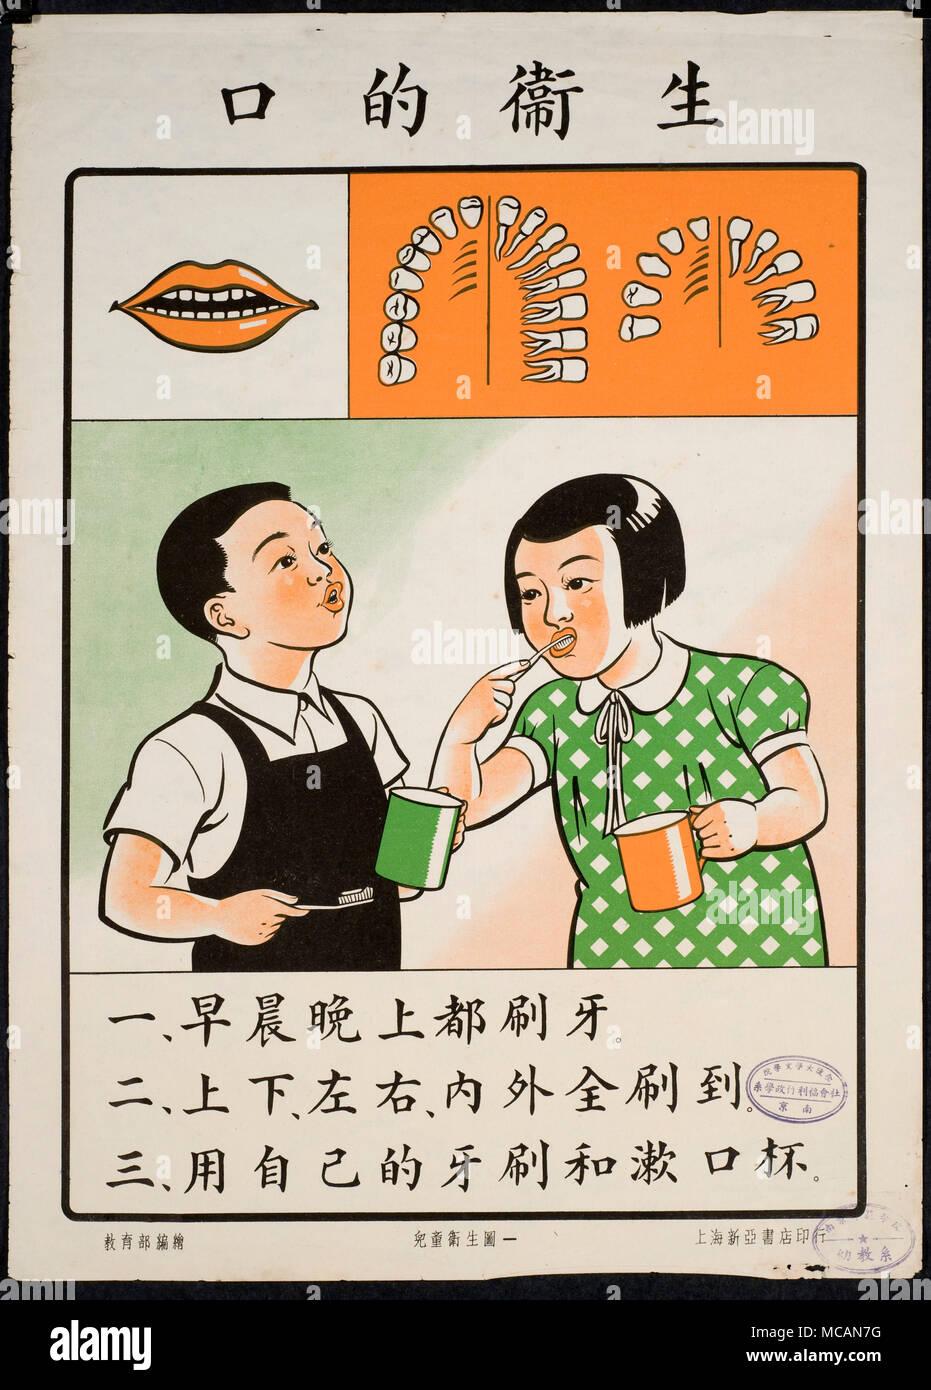 Una bocca, 2 set di denti su uno sfondo arancione e un ragazzo in tuta nera risciacquare la bocca con una ragazza in un abito verde spazzolare i suoi denti. Il poster sottolinea educazione sanitaria per i bambini per igiene orale. Immagini Stock